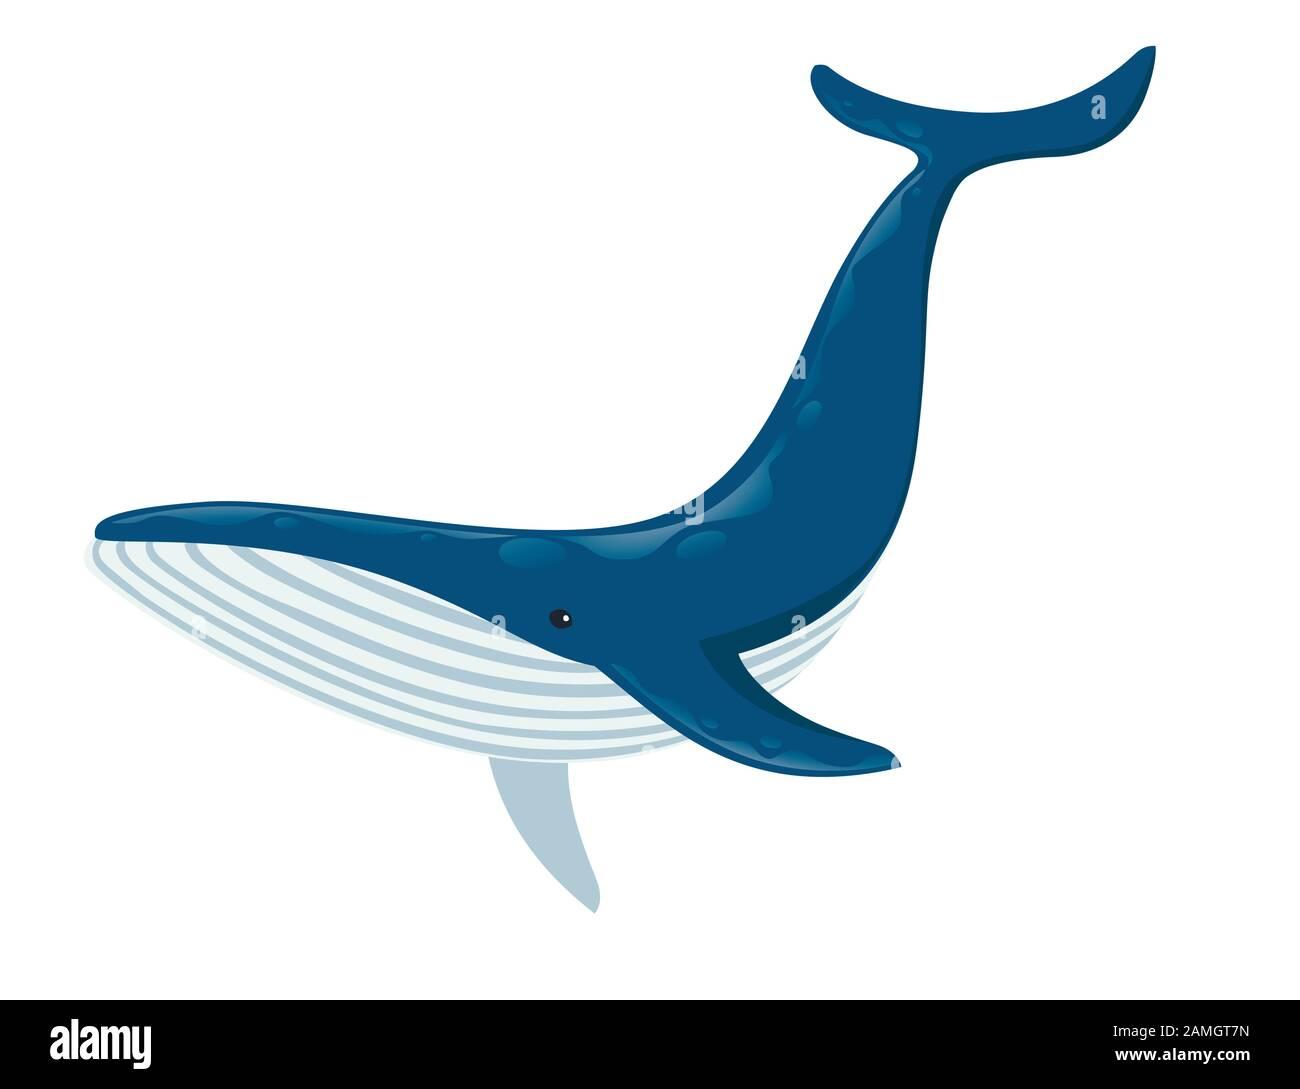 Grande Baleine Bleue Dessin Animal De Caricature Plus Grand Mammifere Sur La Terre Illustration Vectorielle Plate Isolee Sur Fond Blanc Image Vectorielle Stock Alamy